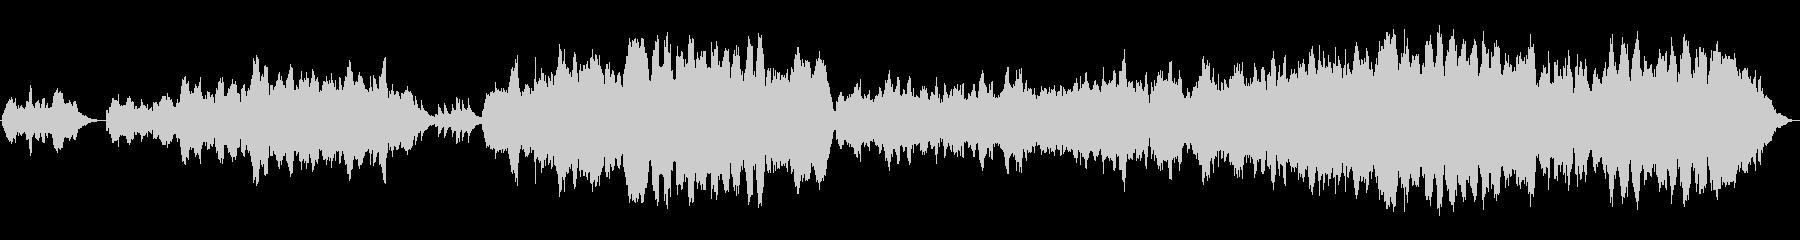 弦楽4重奏からフルオーケストラへー静と動の未再生の波形